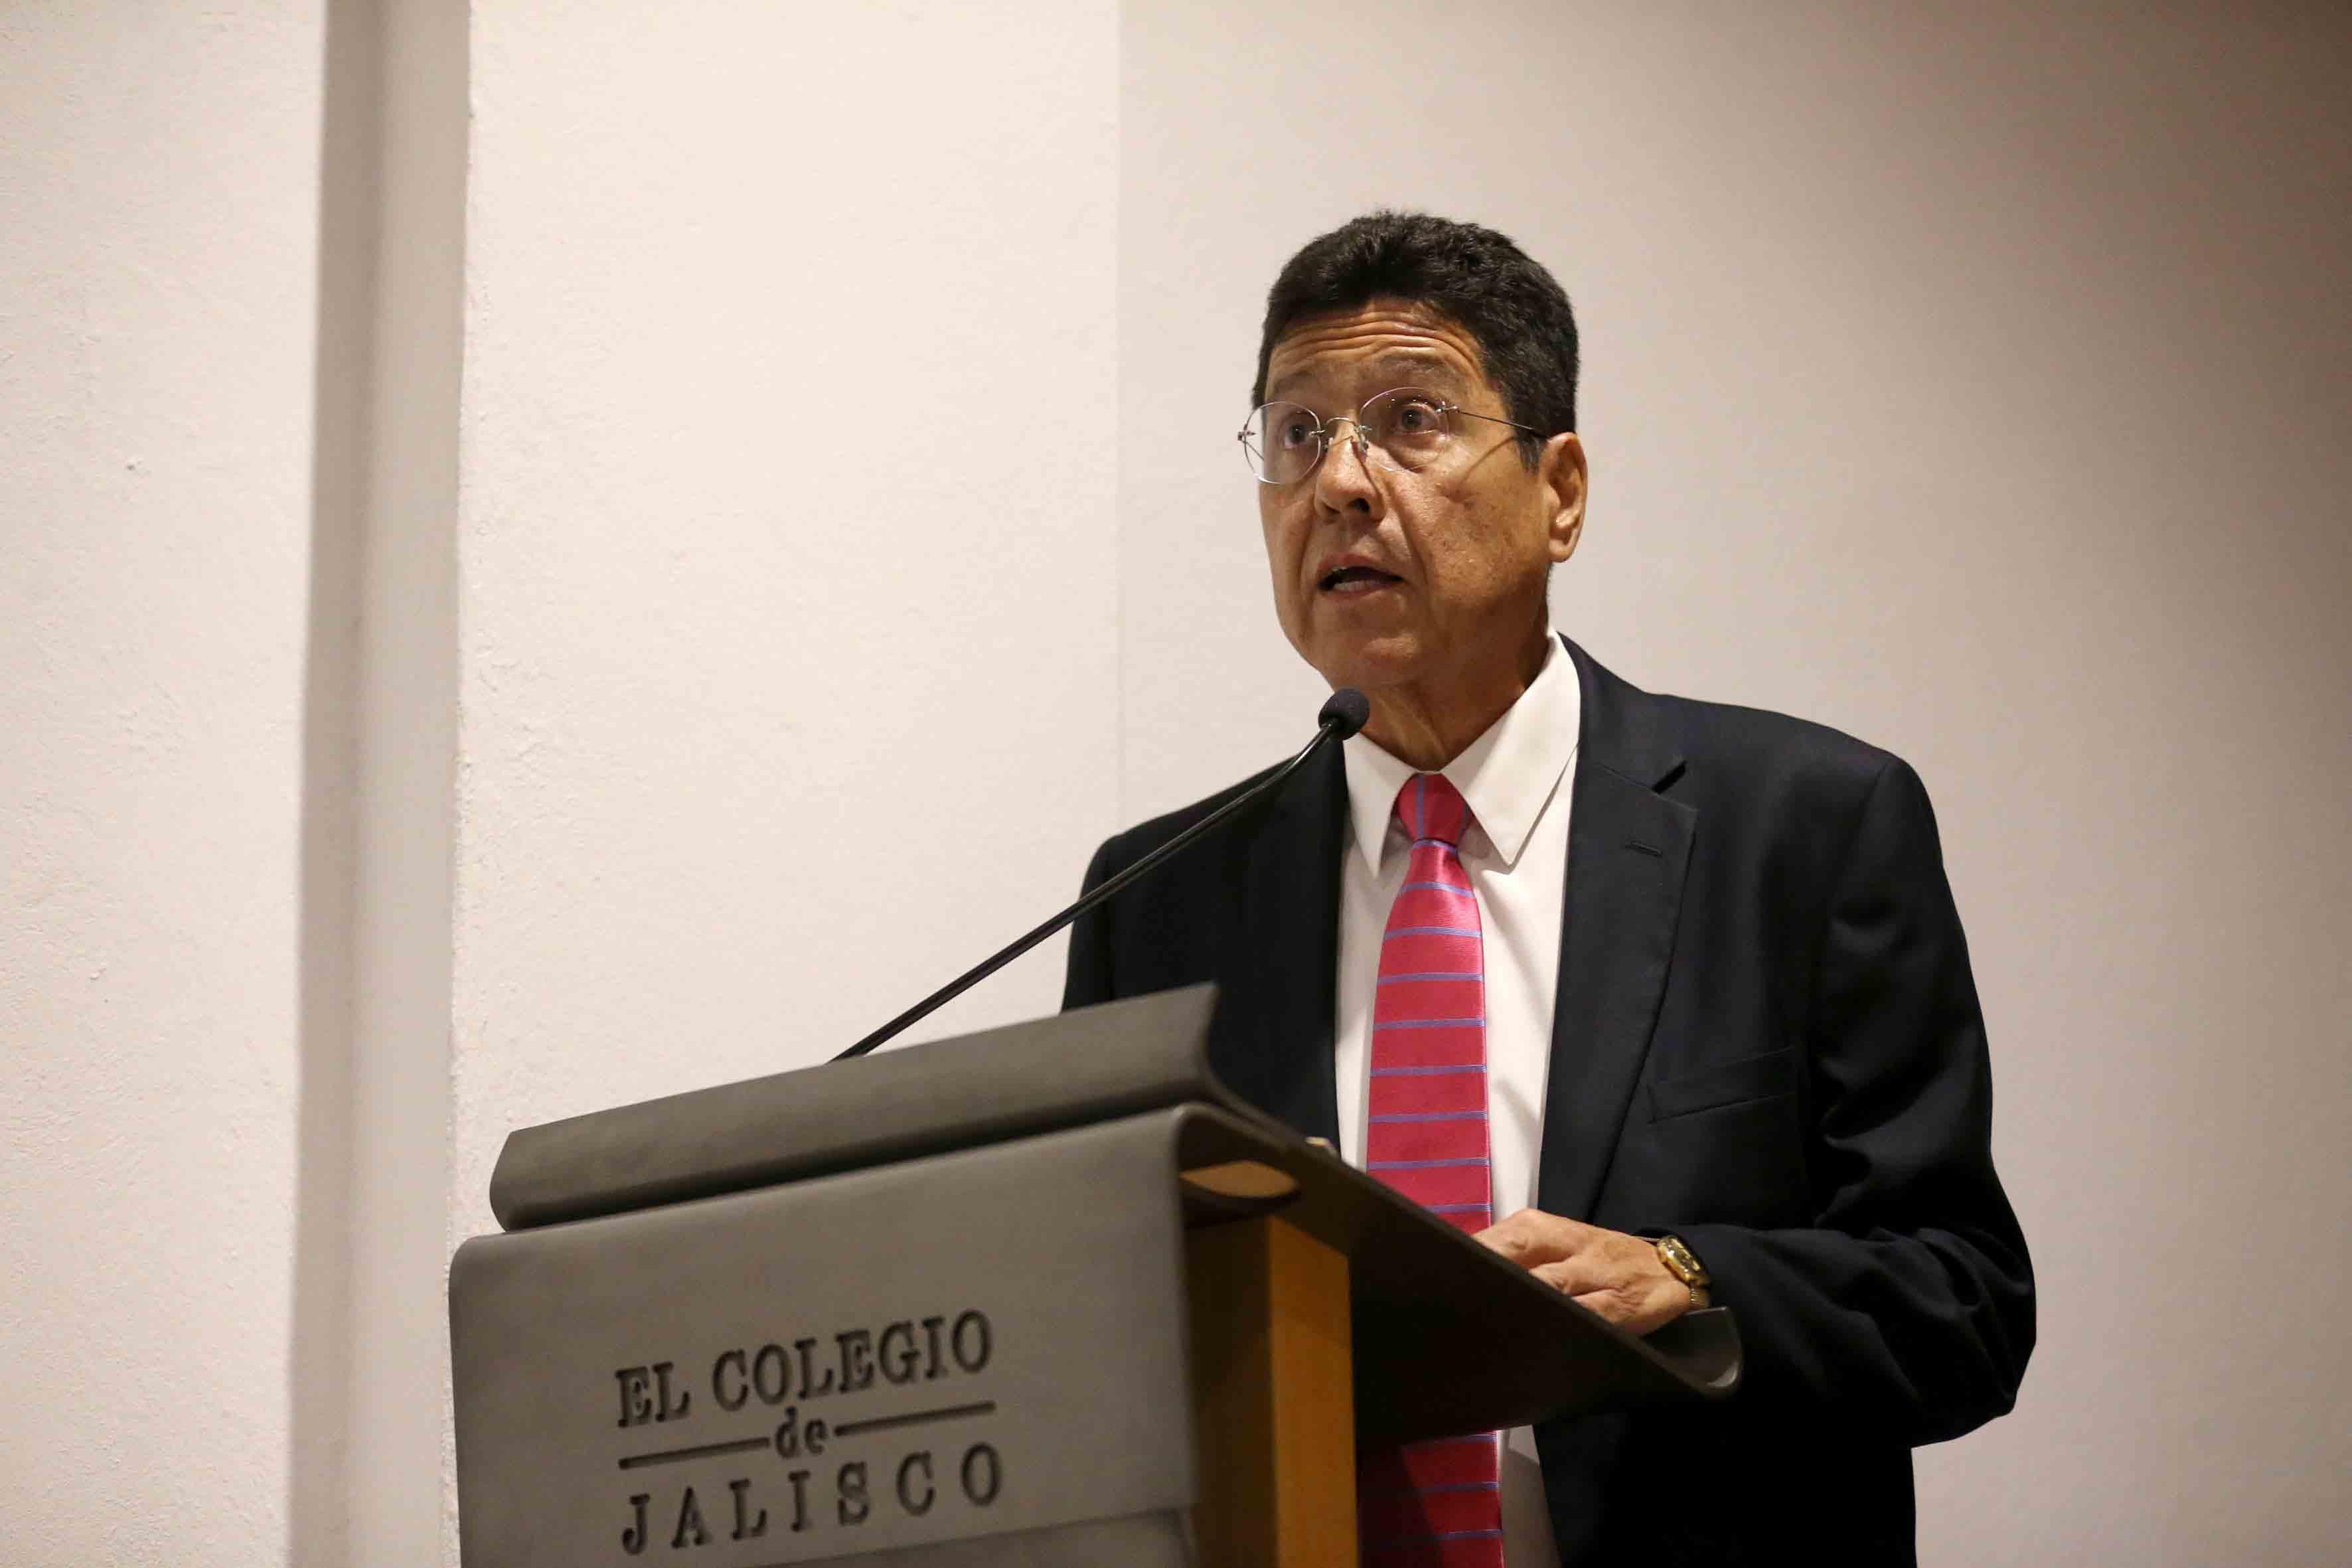 Maestro Javier Hurtado González, director de El Colegio de Jalisco, haciendo uso de la palabra, desde el pódium.